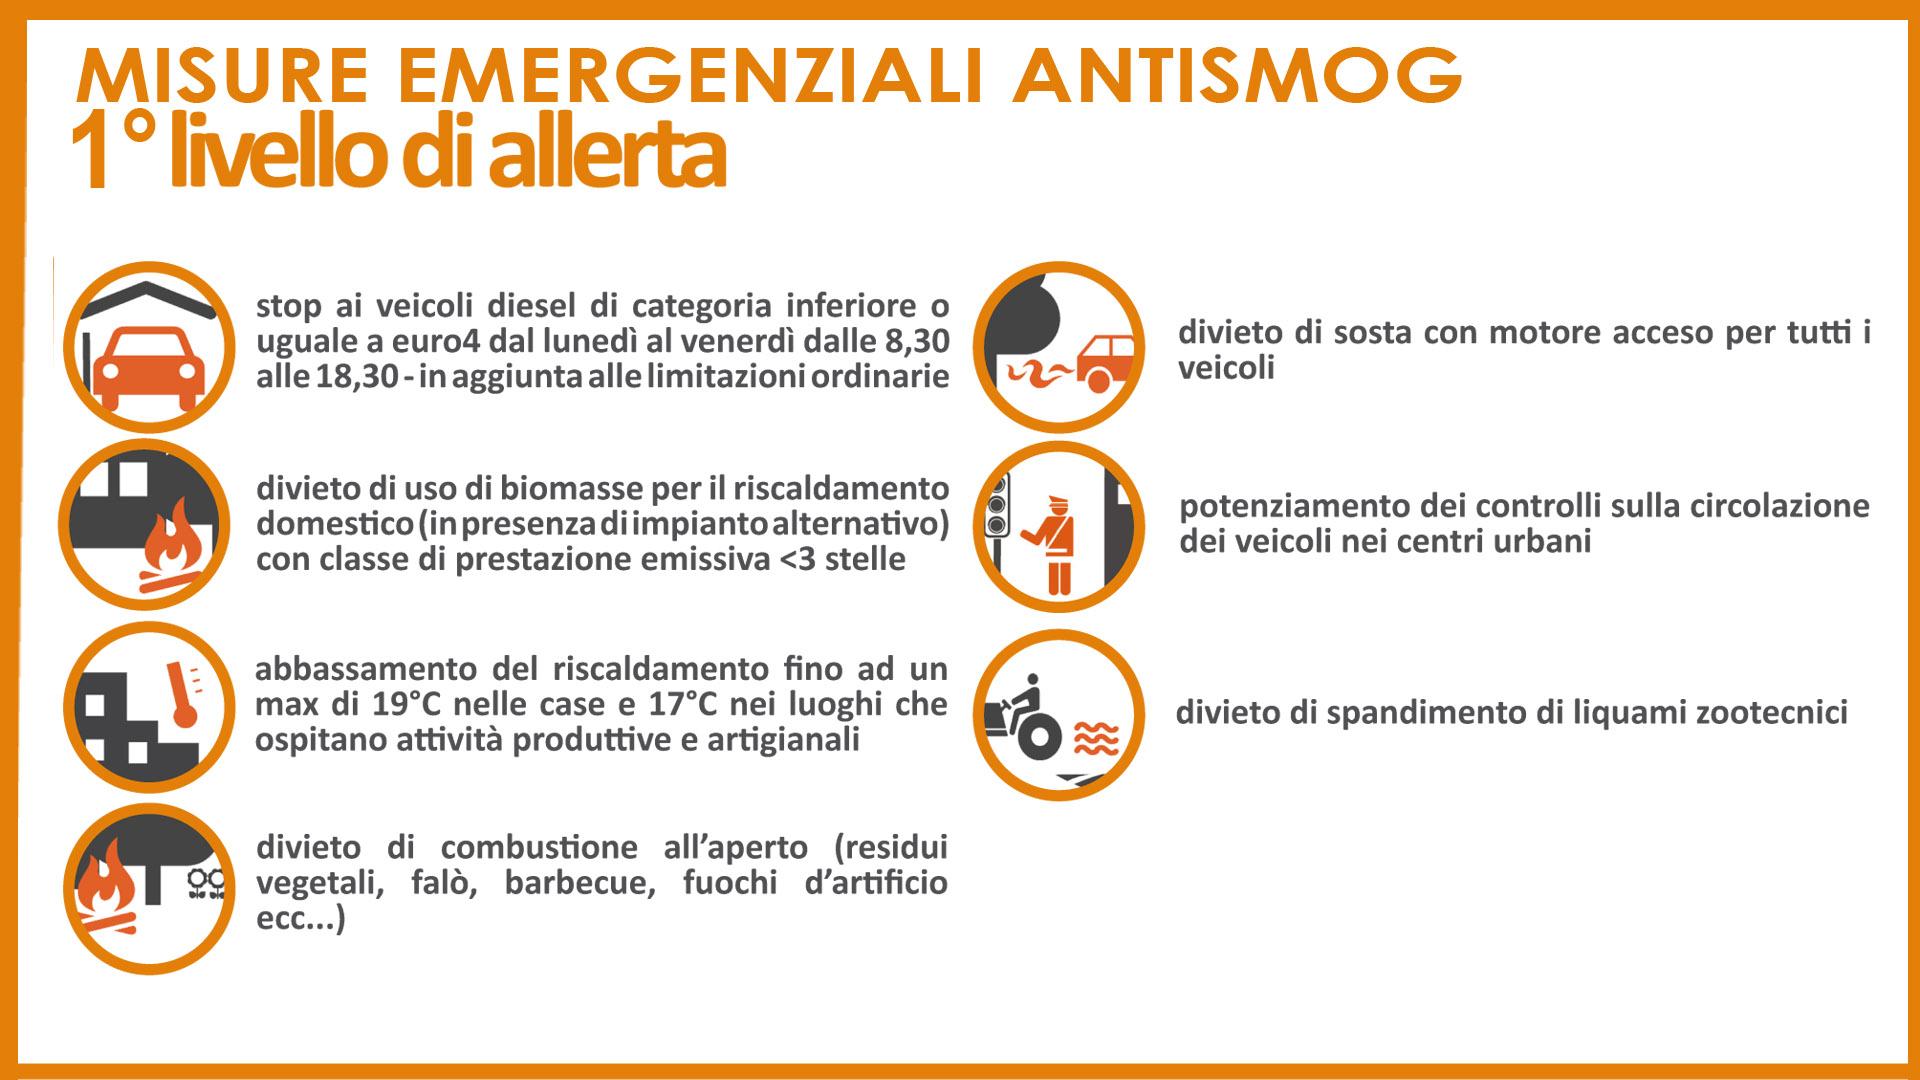 Misure antismog: superati i limiti di PM10 per 4 giorni consecutivi